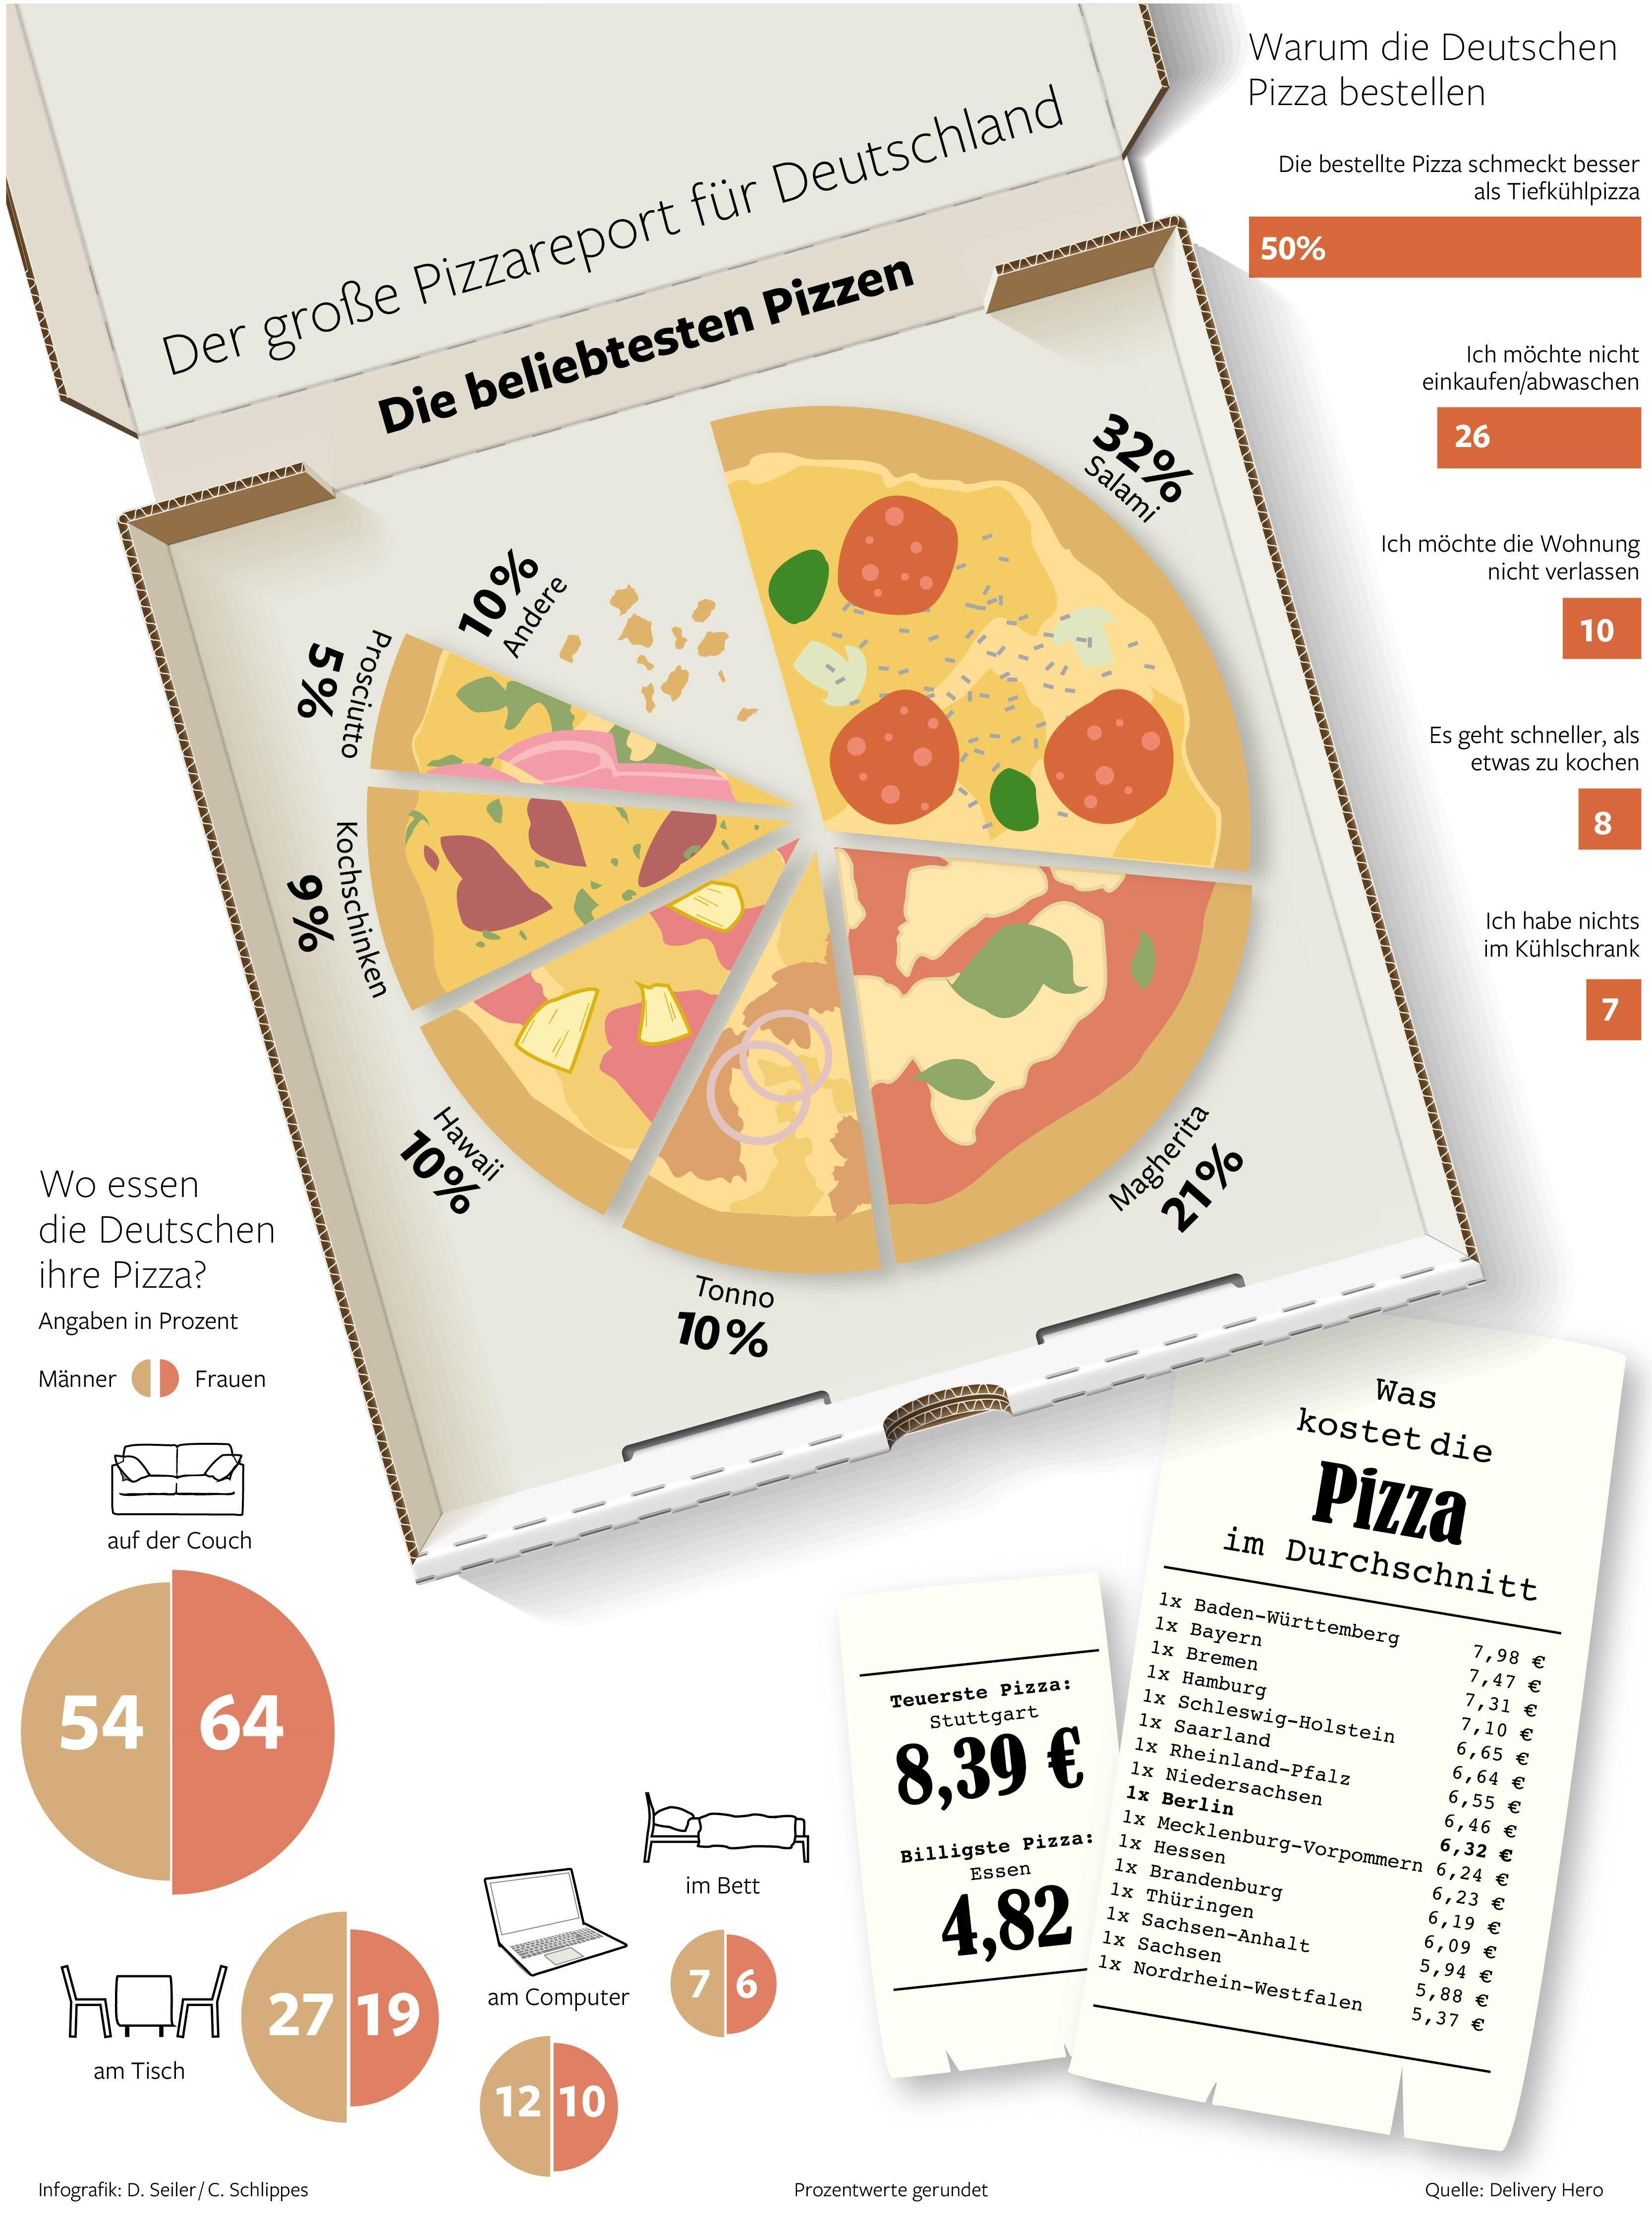 welche pizza die deutschen am liebsten essen wirtschaft news zu unternehmen m rkten. Black Bedroom Furniture Sets. Home Design Ideas